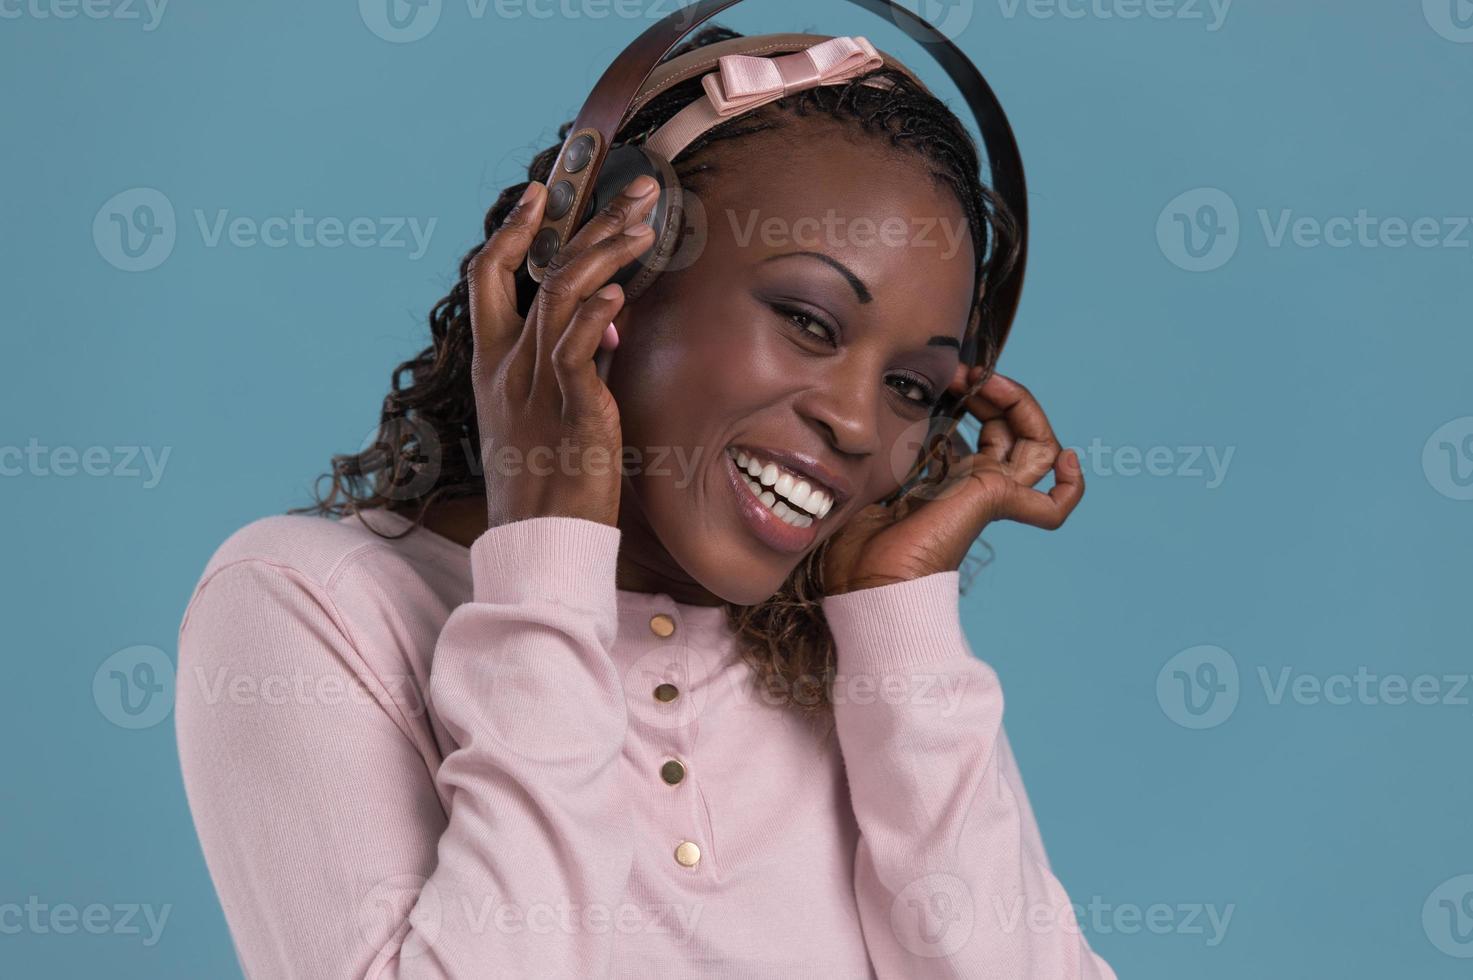 gelukkig Afrikaanse vrouw luisteren naar muziek op de koptelefoon. foto